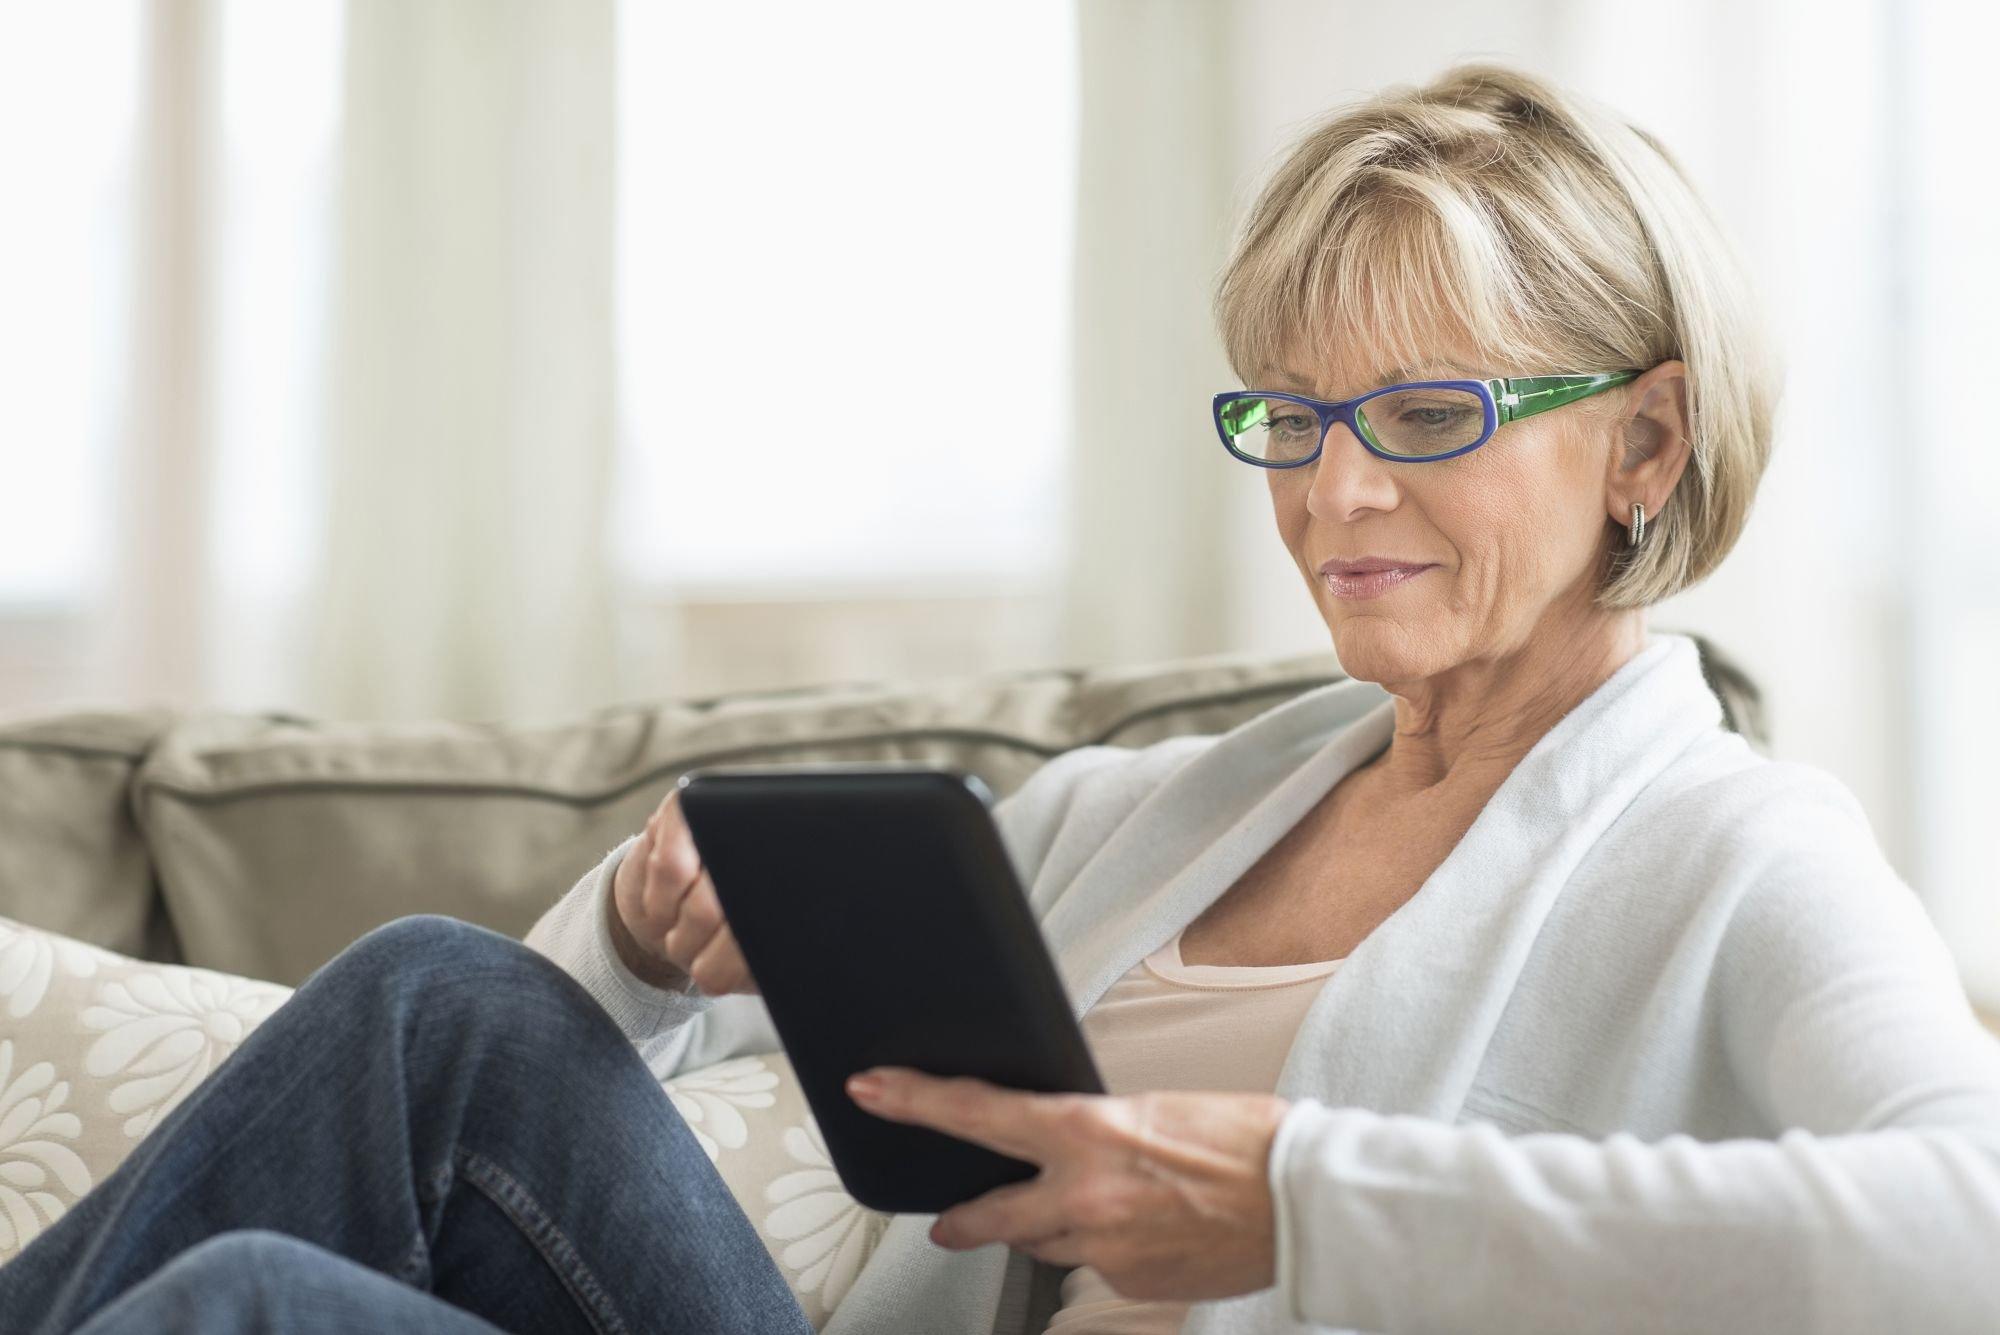 Vrouw kijkt op tablet